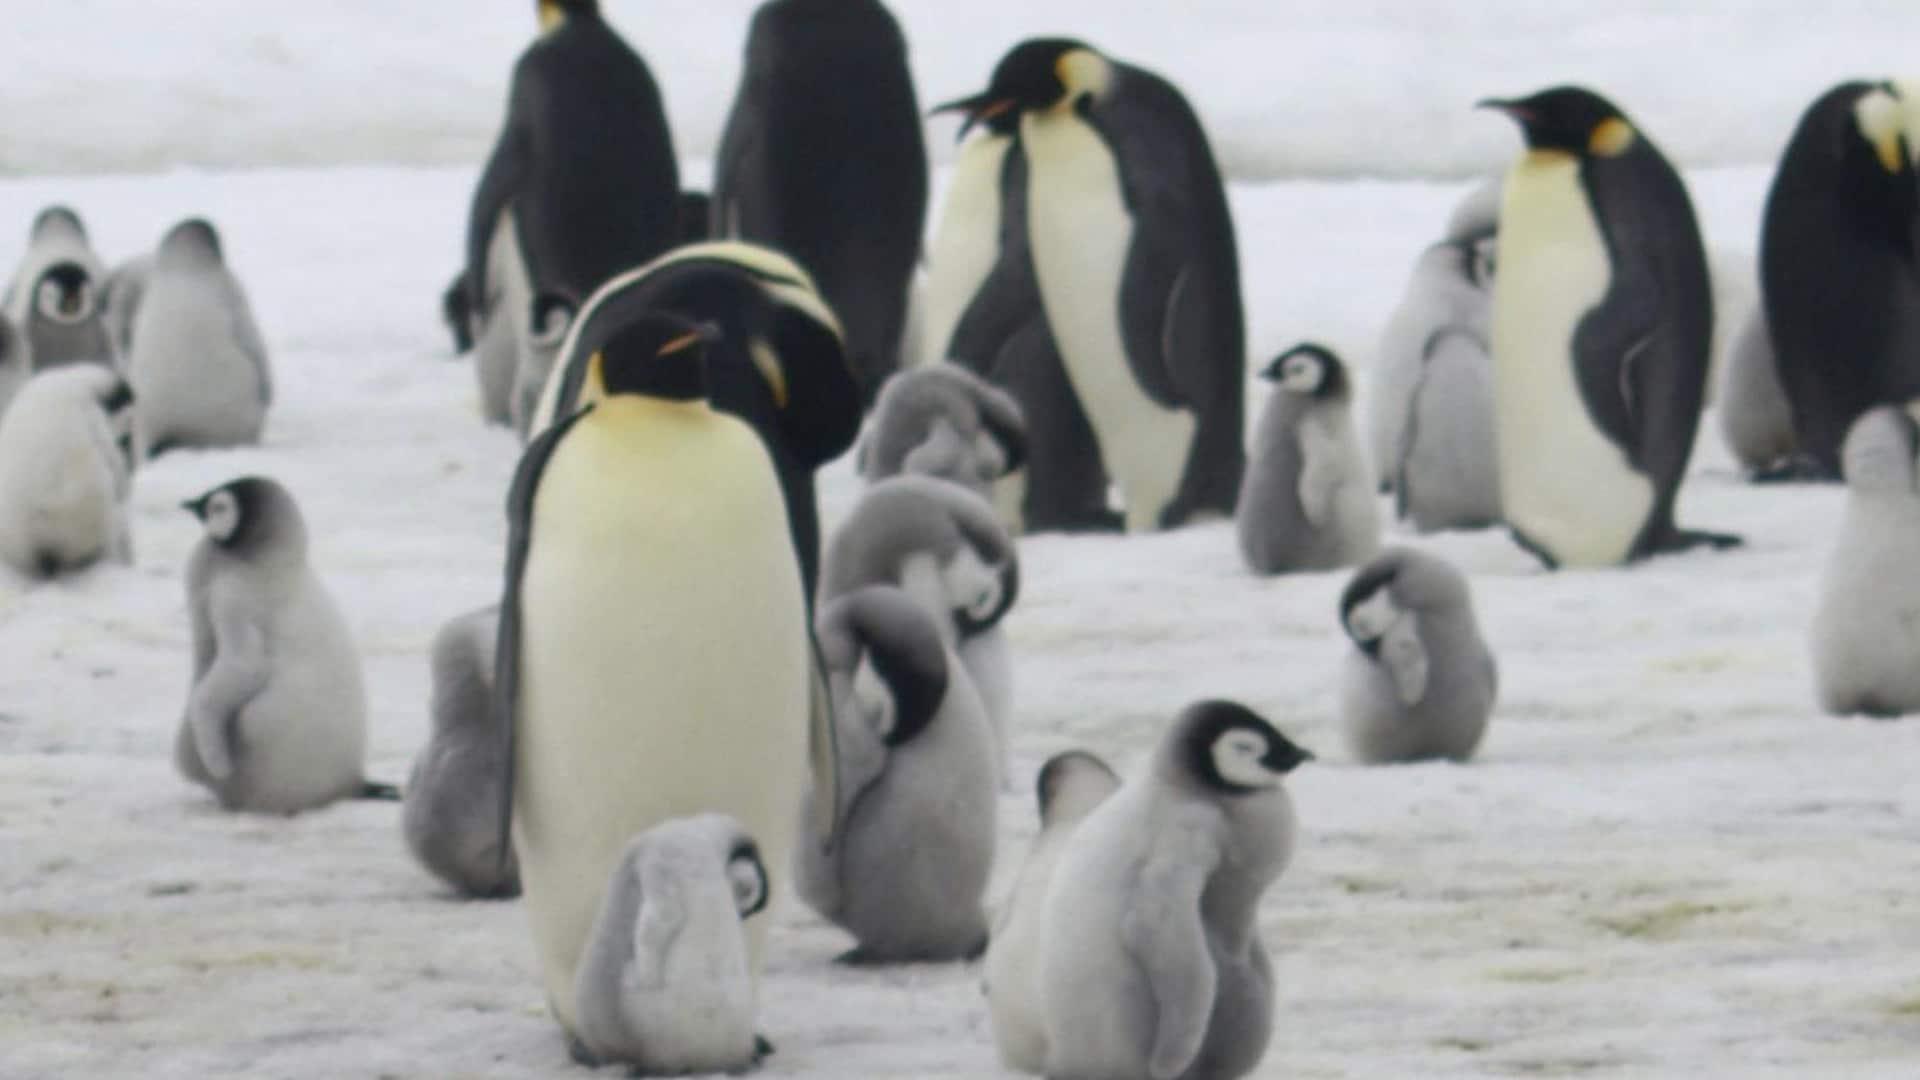 Des manchots empereurs et des poussins à Halley Bay en Antarctique